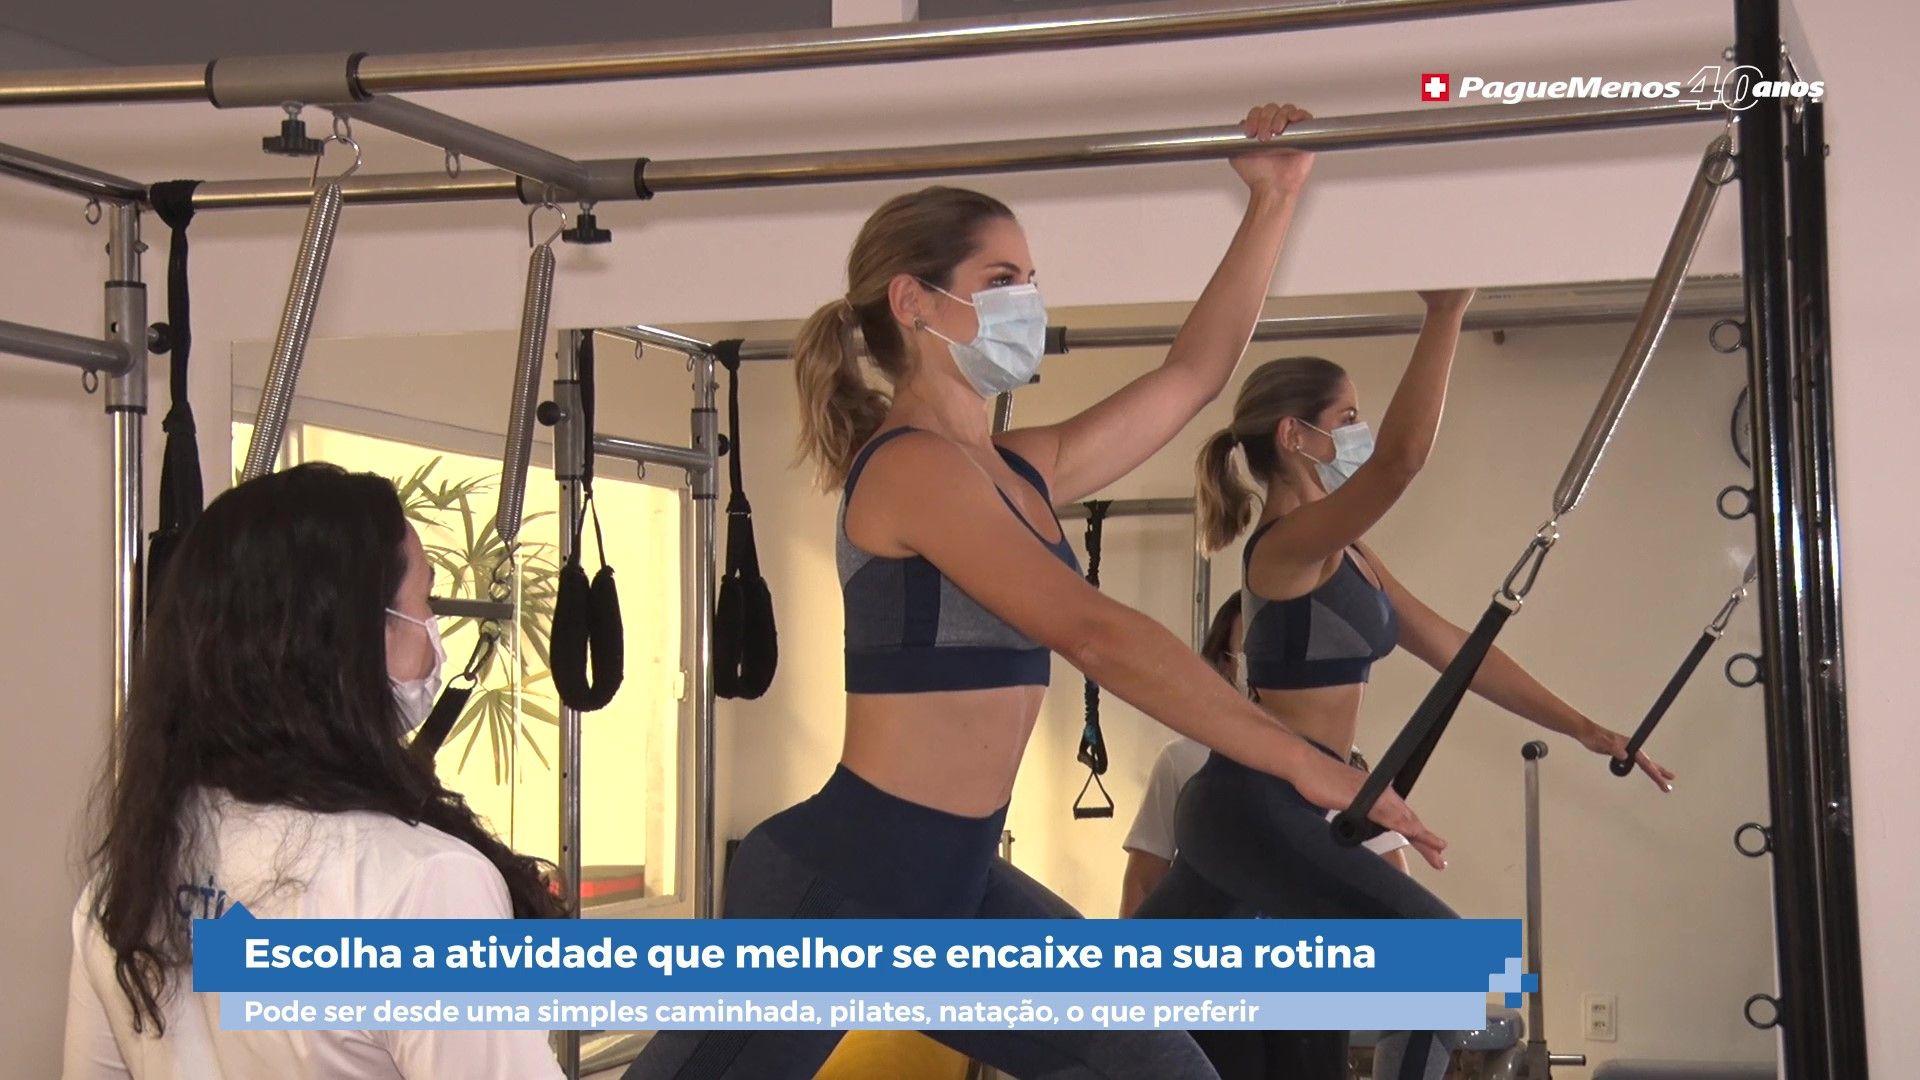 Dicas De Exercícios Para Fortalecer Os Músculos